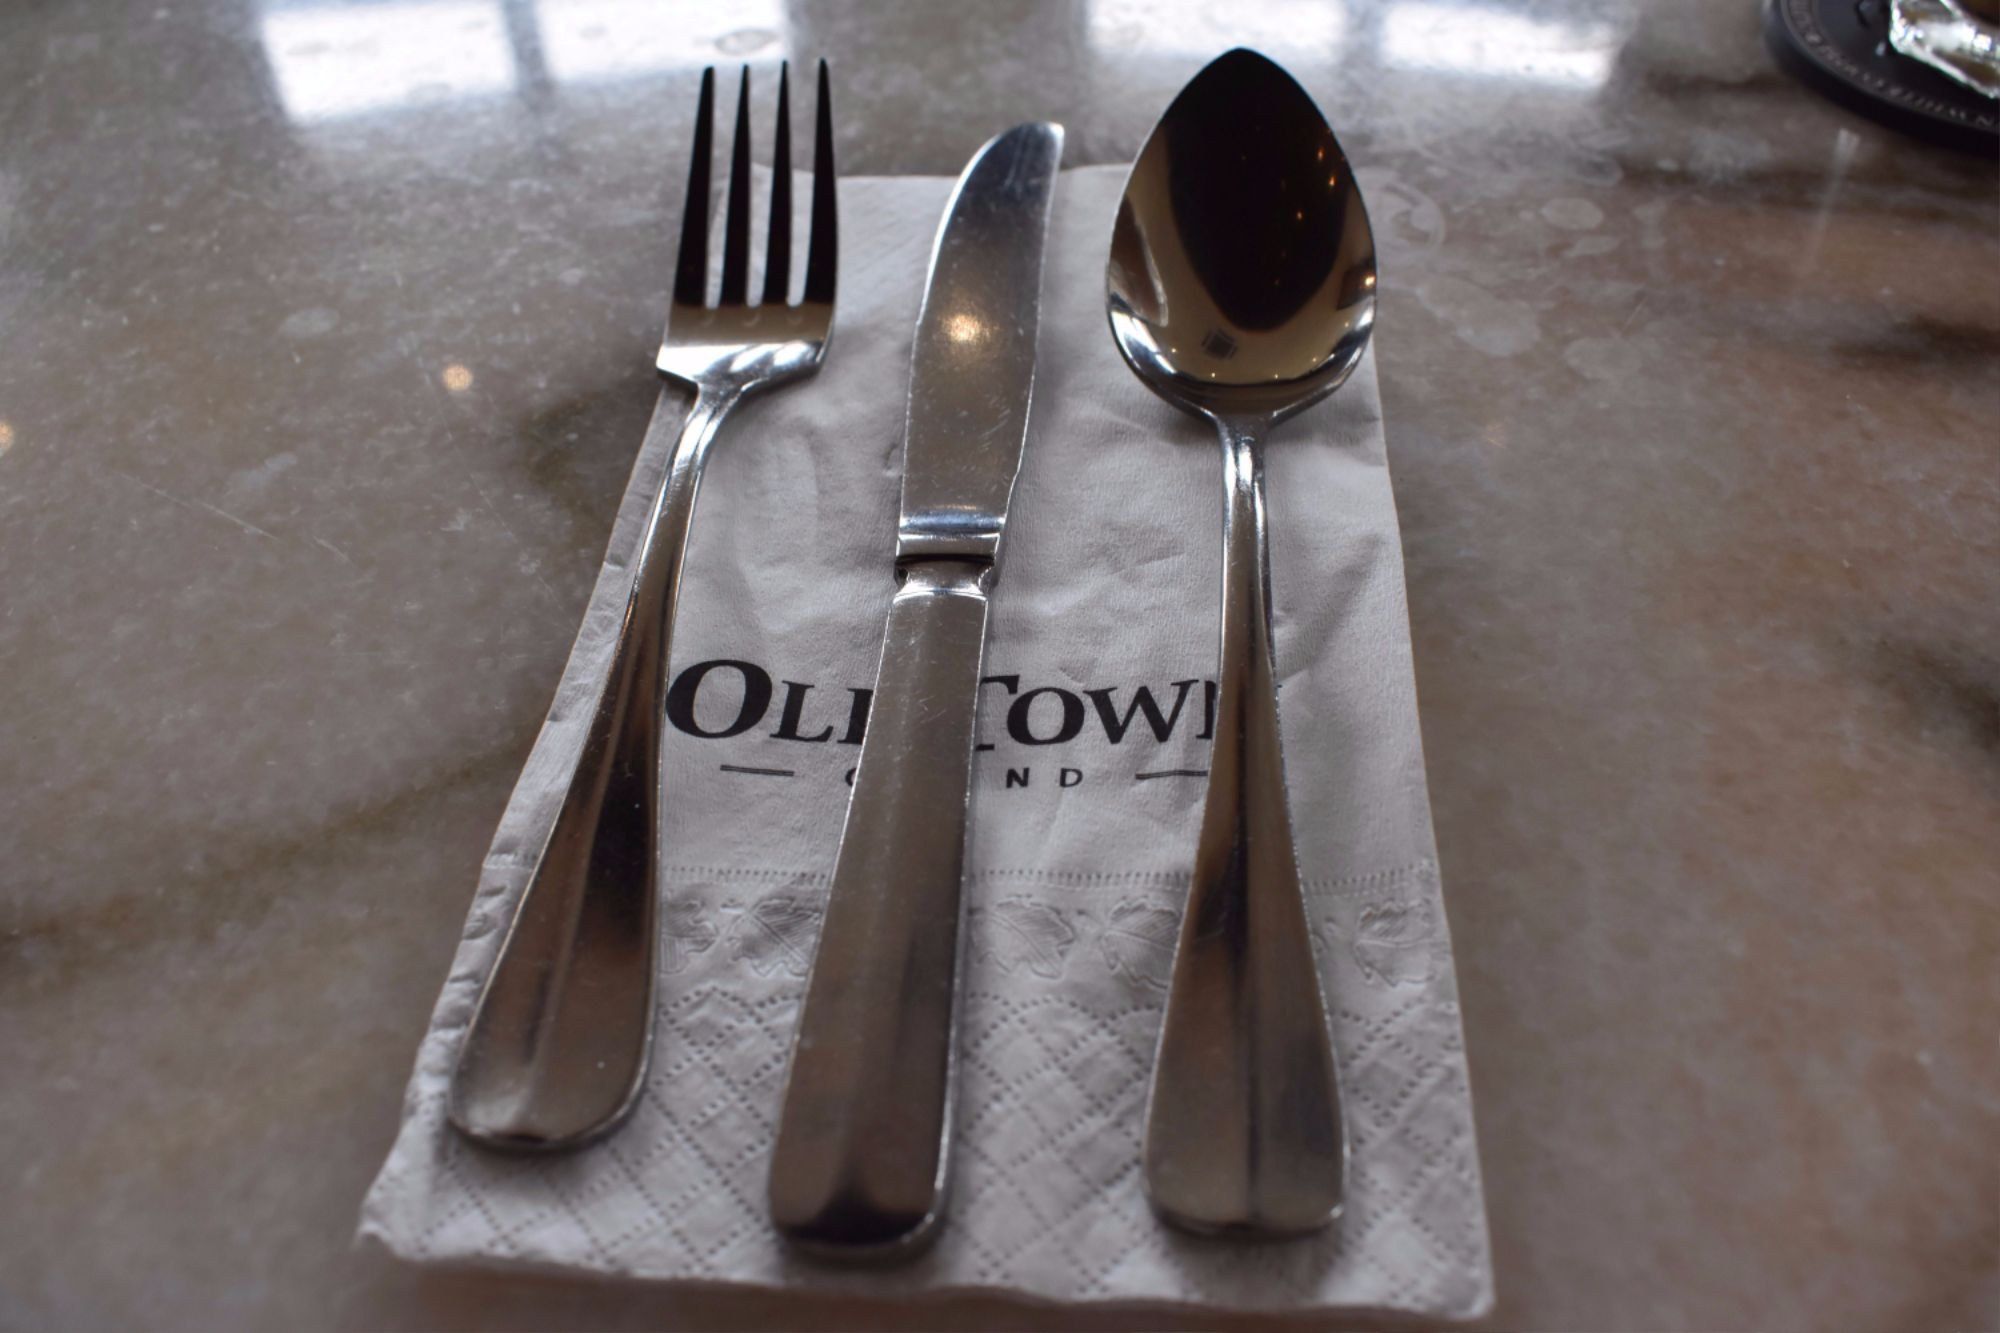 oldtown grand melaka serviette